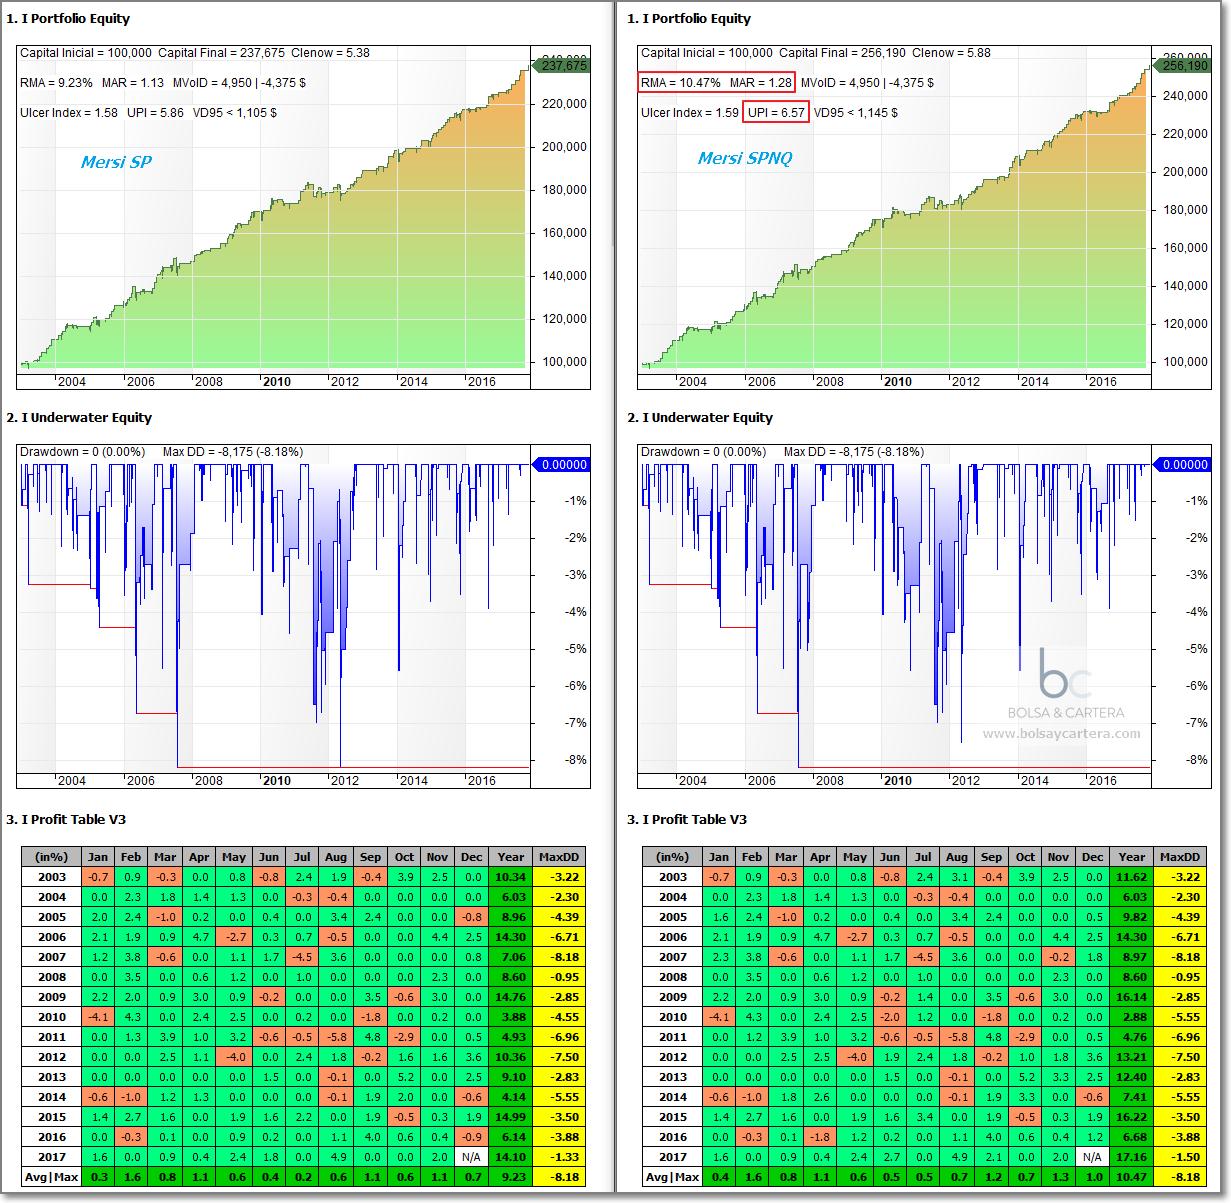 Sistema de trading MersiSP vs MersiSPNQ